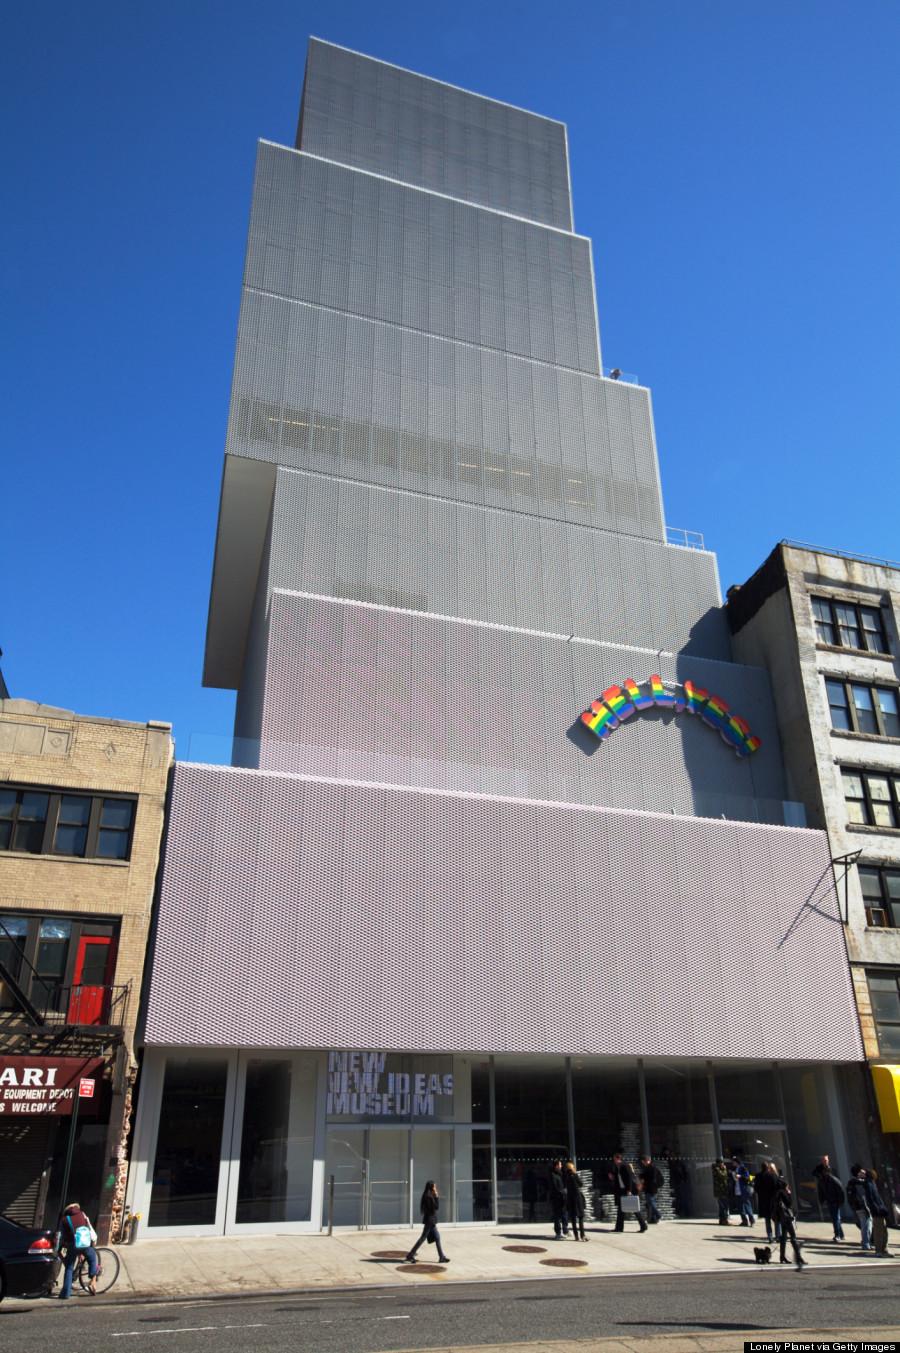 el nuevo museo